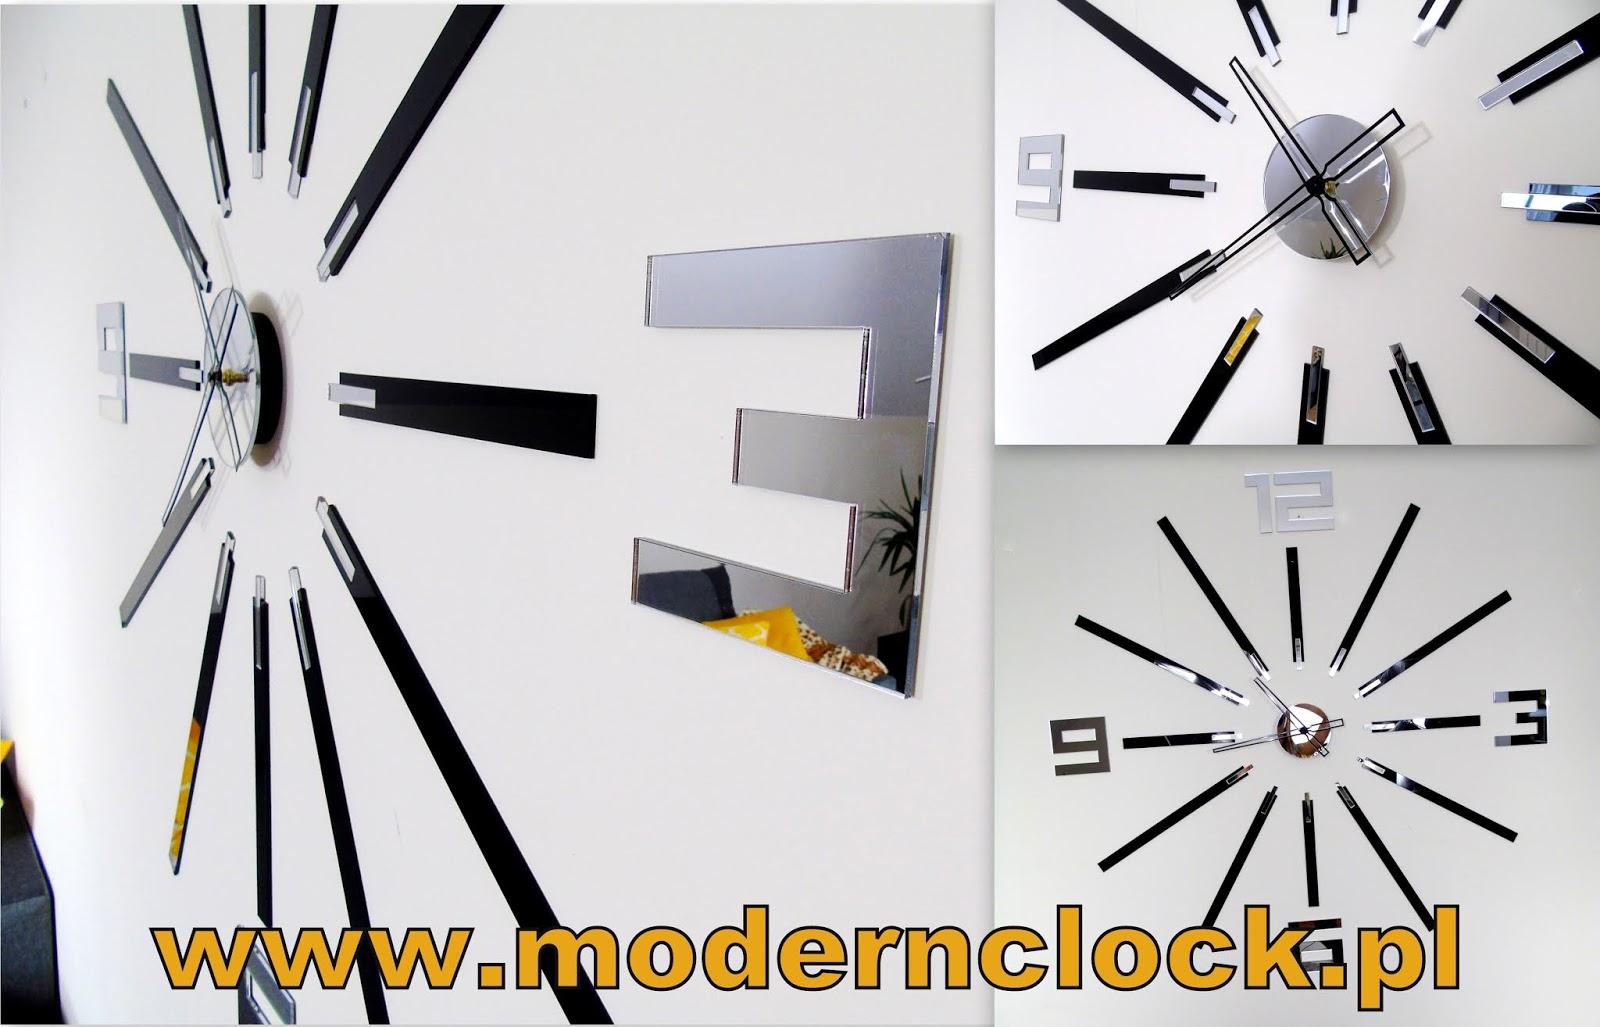 Duży, elegancki zegar marki ModernClock - Nowoczesny dodatek do Twojego wnętrza